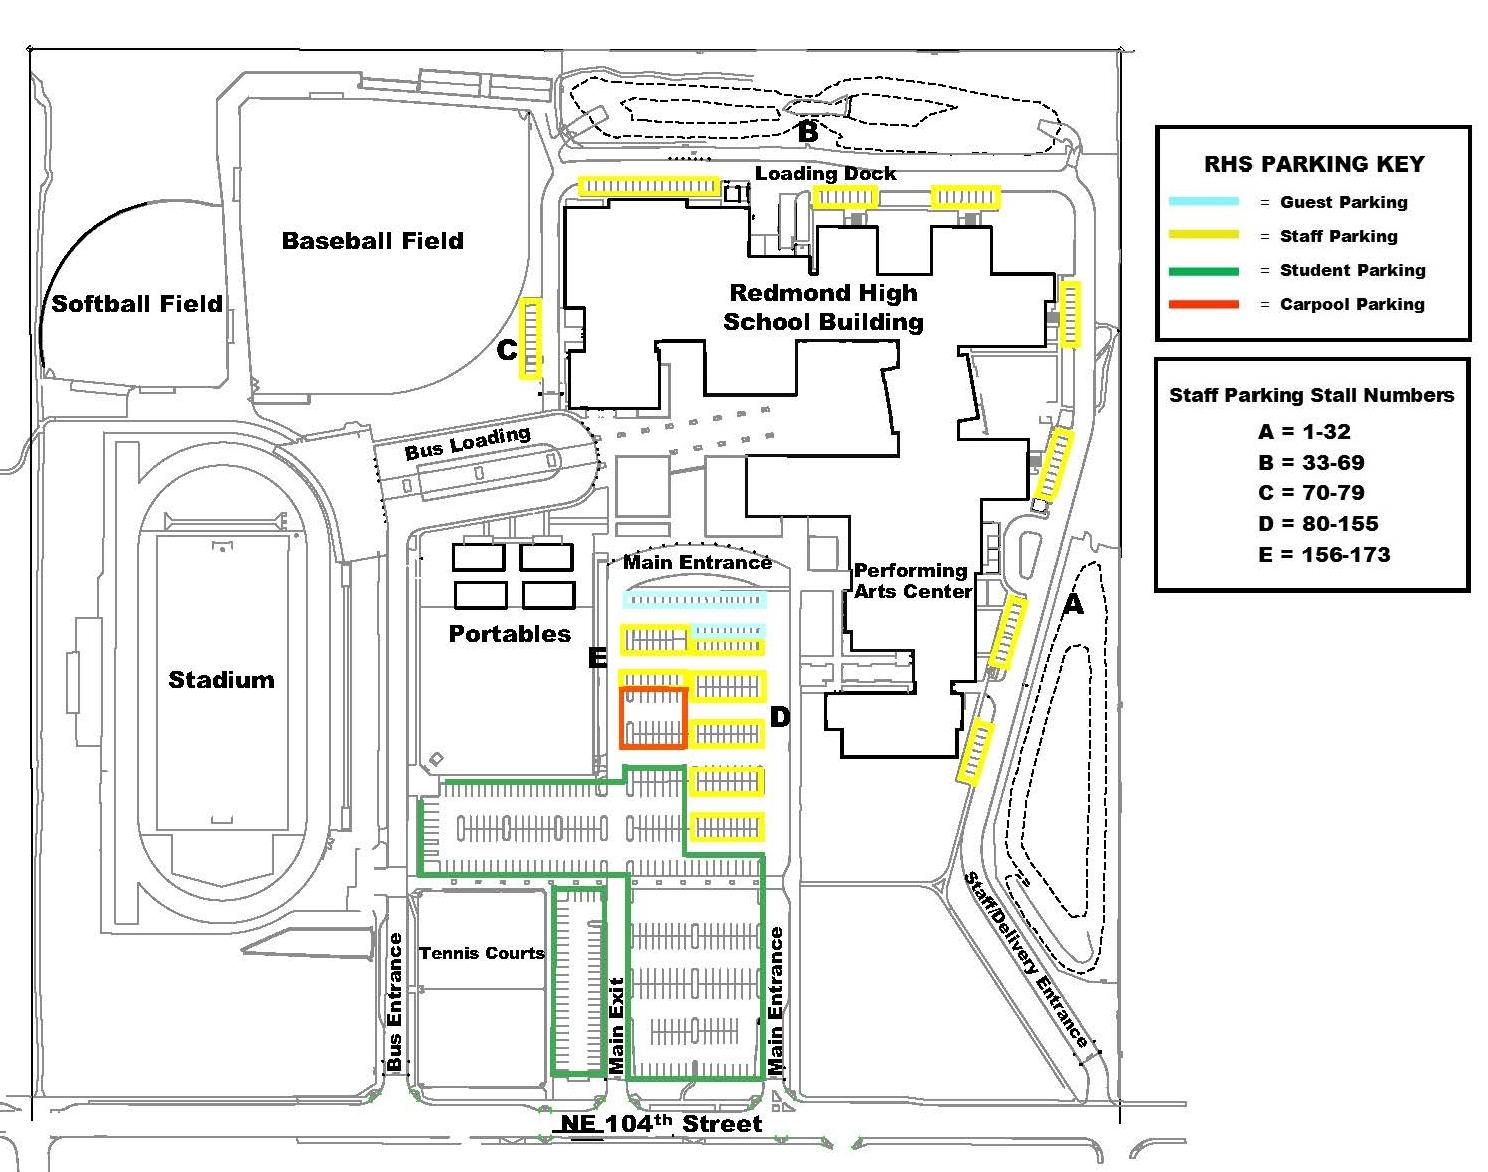 Parking Off Campus Redmond High School